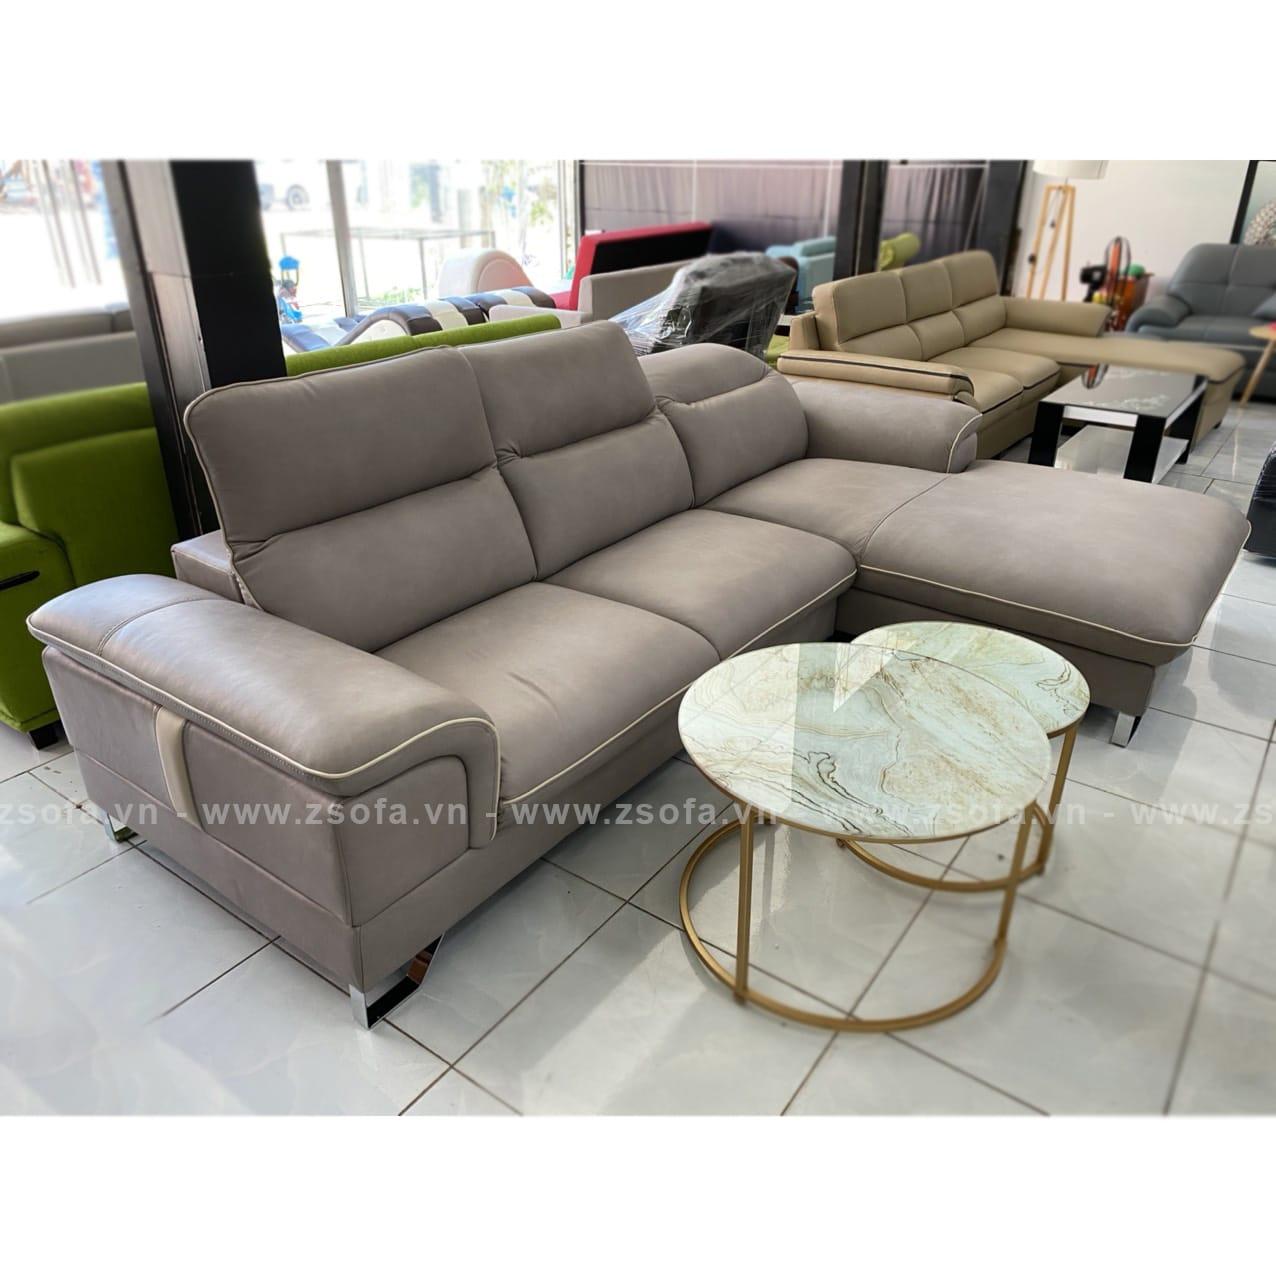 Ghế sofa hoàn mỹ nhất cho phòng khách sang trọng